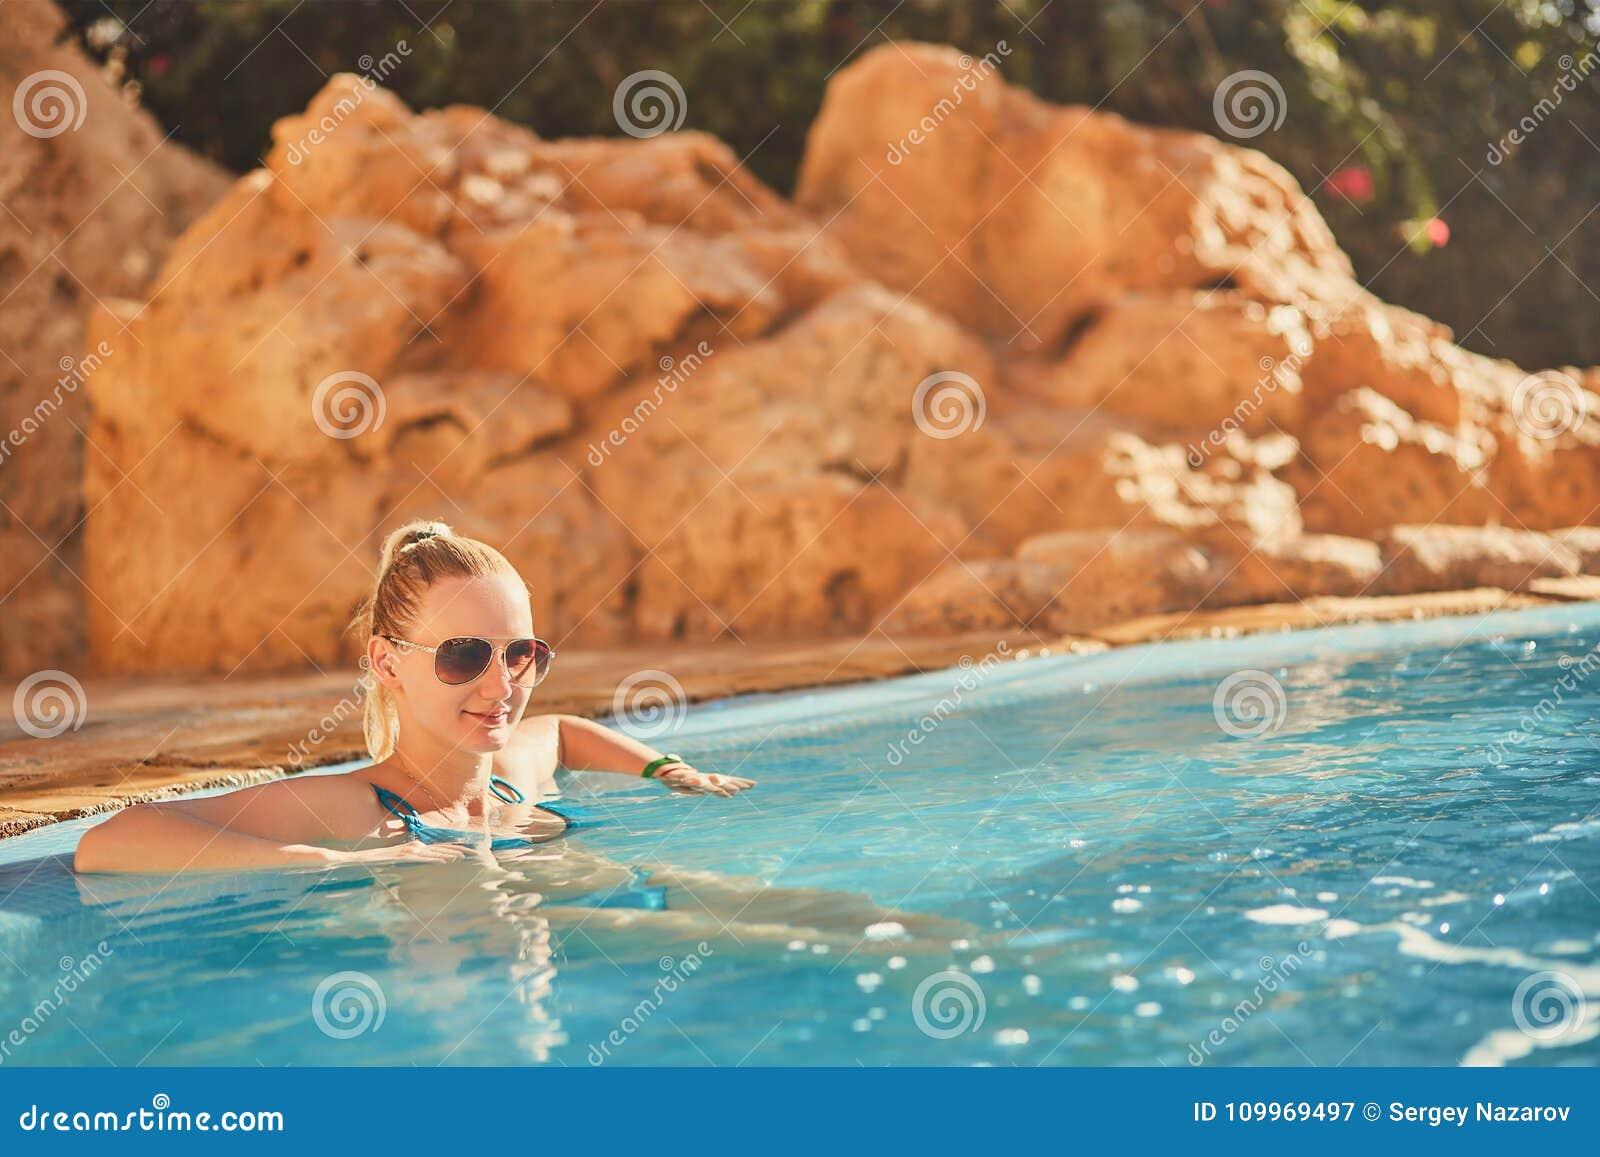 Que Las Y Mujer Relajan En La Sol Baño Gafas Se Traje De Azul sthQdrCx